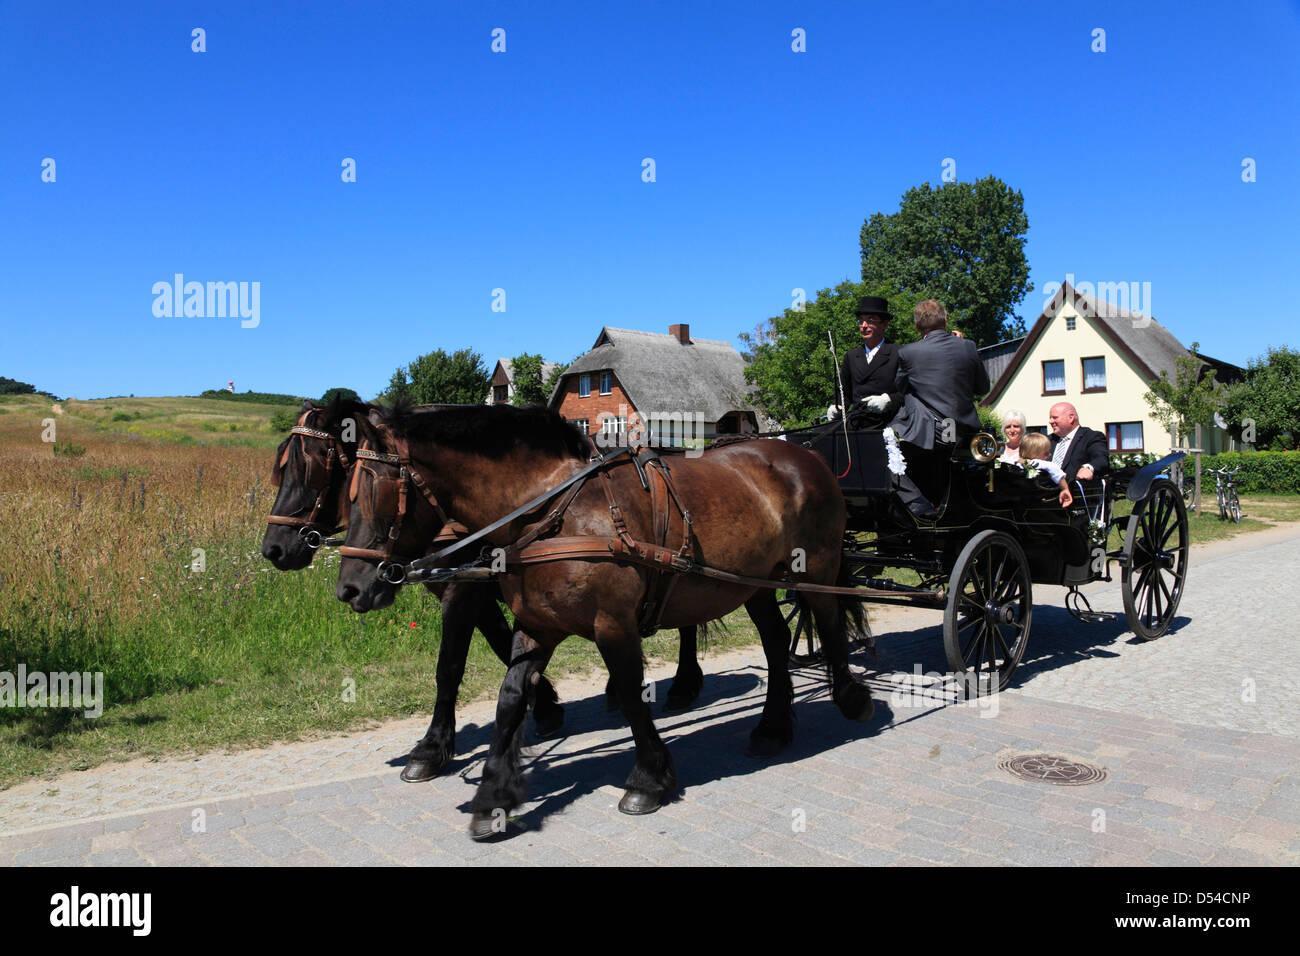 Https Www Pferd Aktuell De Files 160 Richtlinien Fuer Den Bau Und Betrieb Pferdebespannter Fahrzeuge 1 Pdf